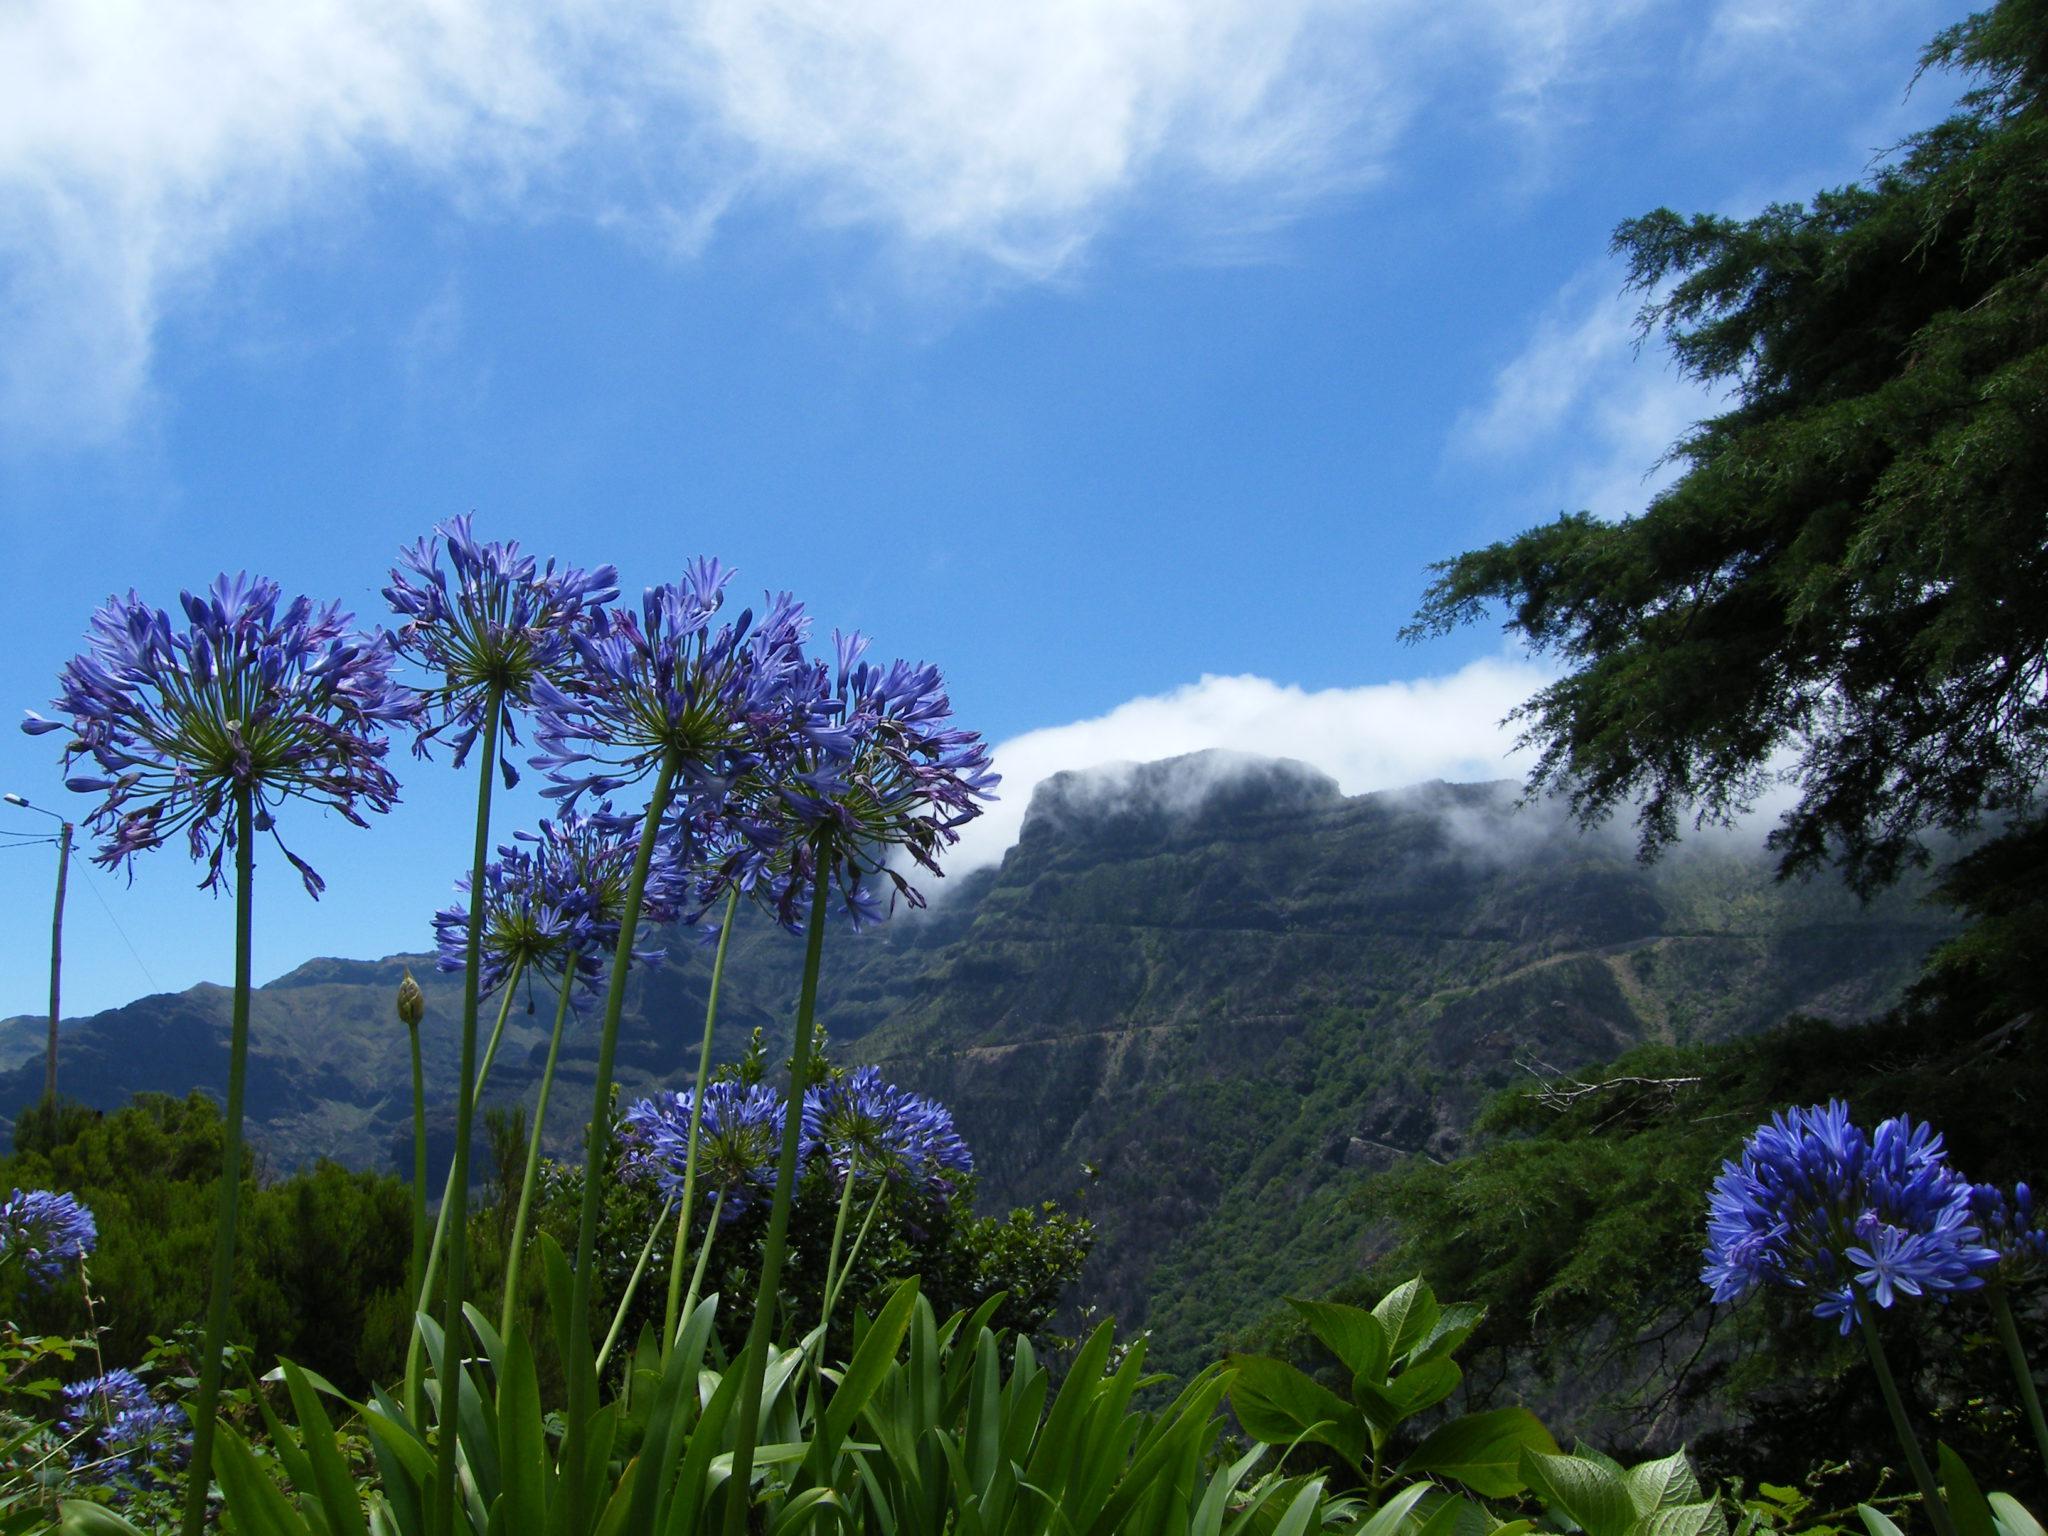 Bloemenpracht in spectaculair landschap